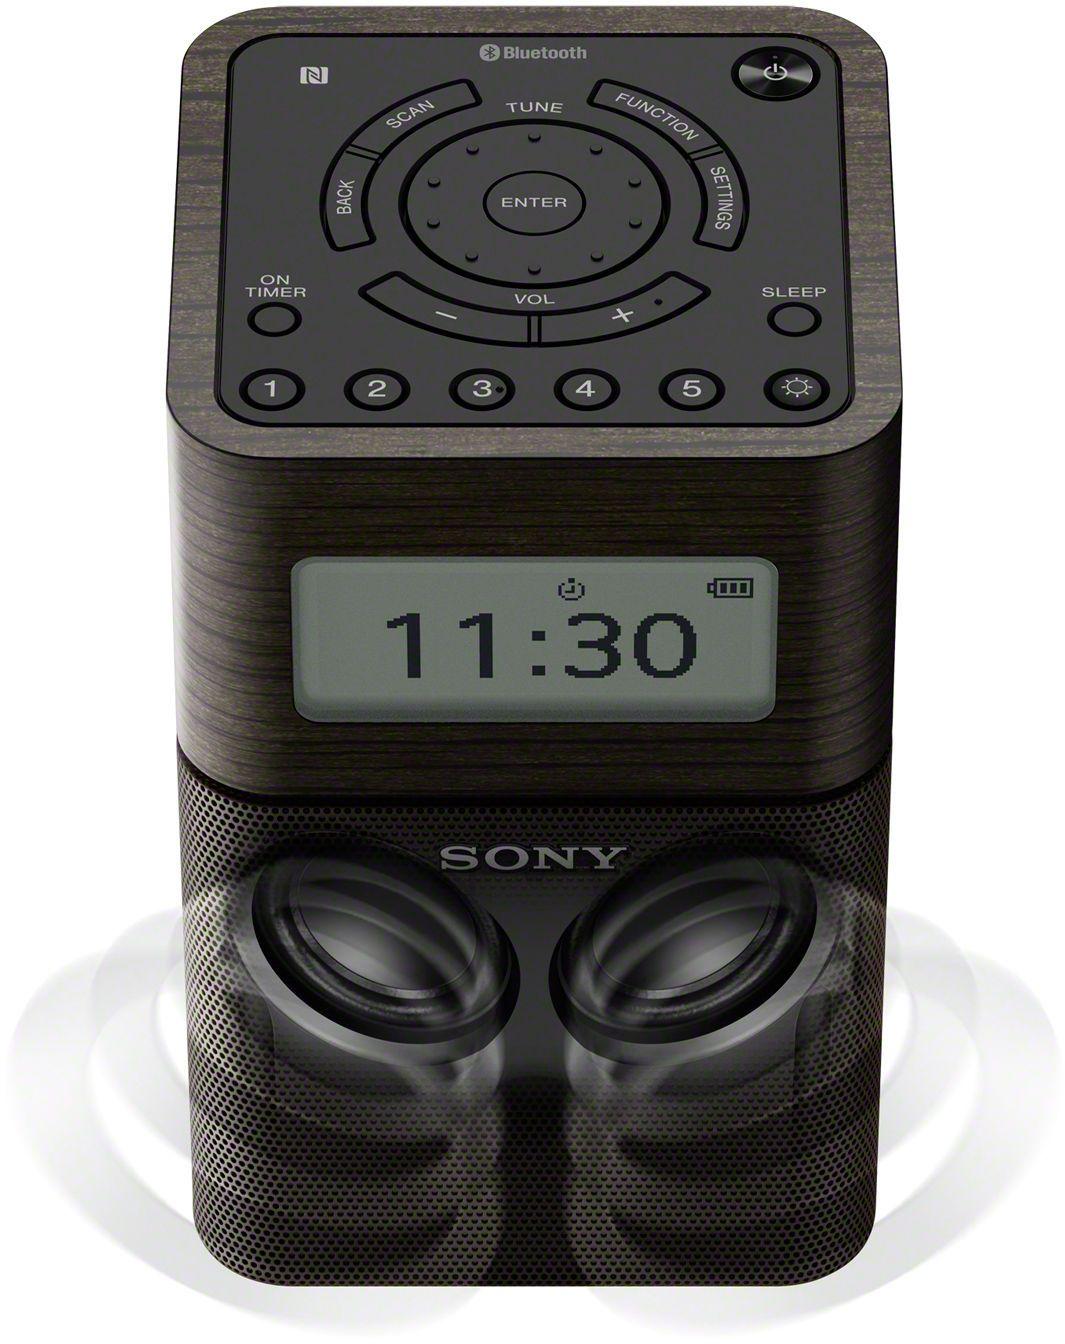 Köp Sony SRFV1BT Bluetooth-högtalare - iPhonebutiken.se 75f9b4039c1e9